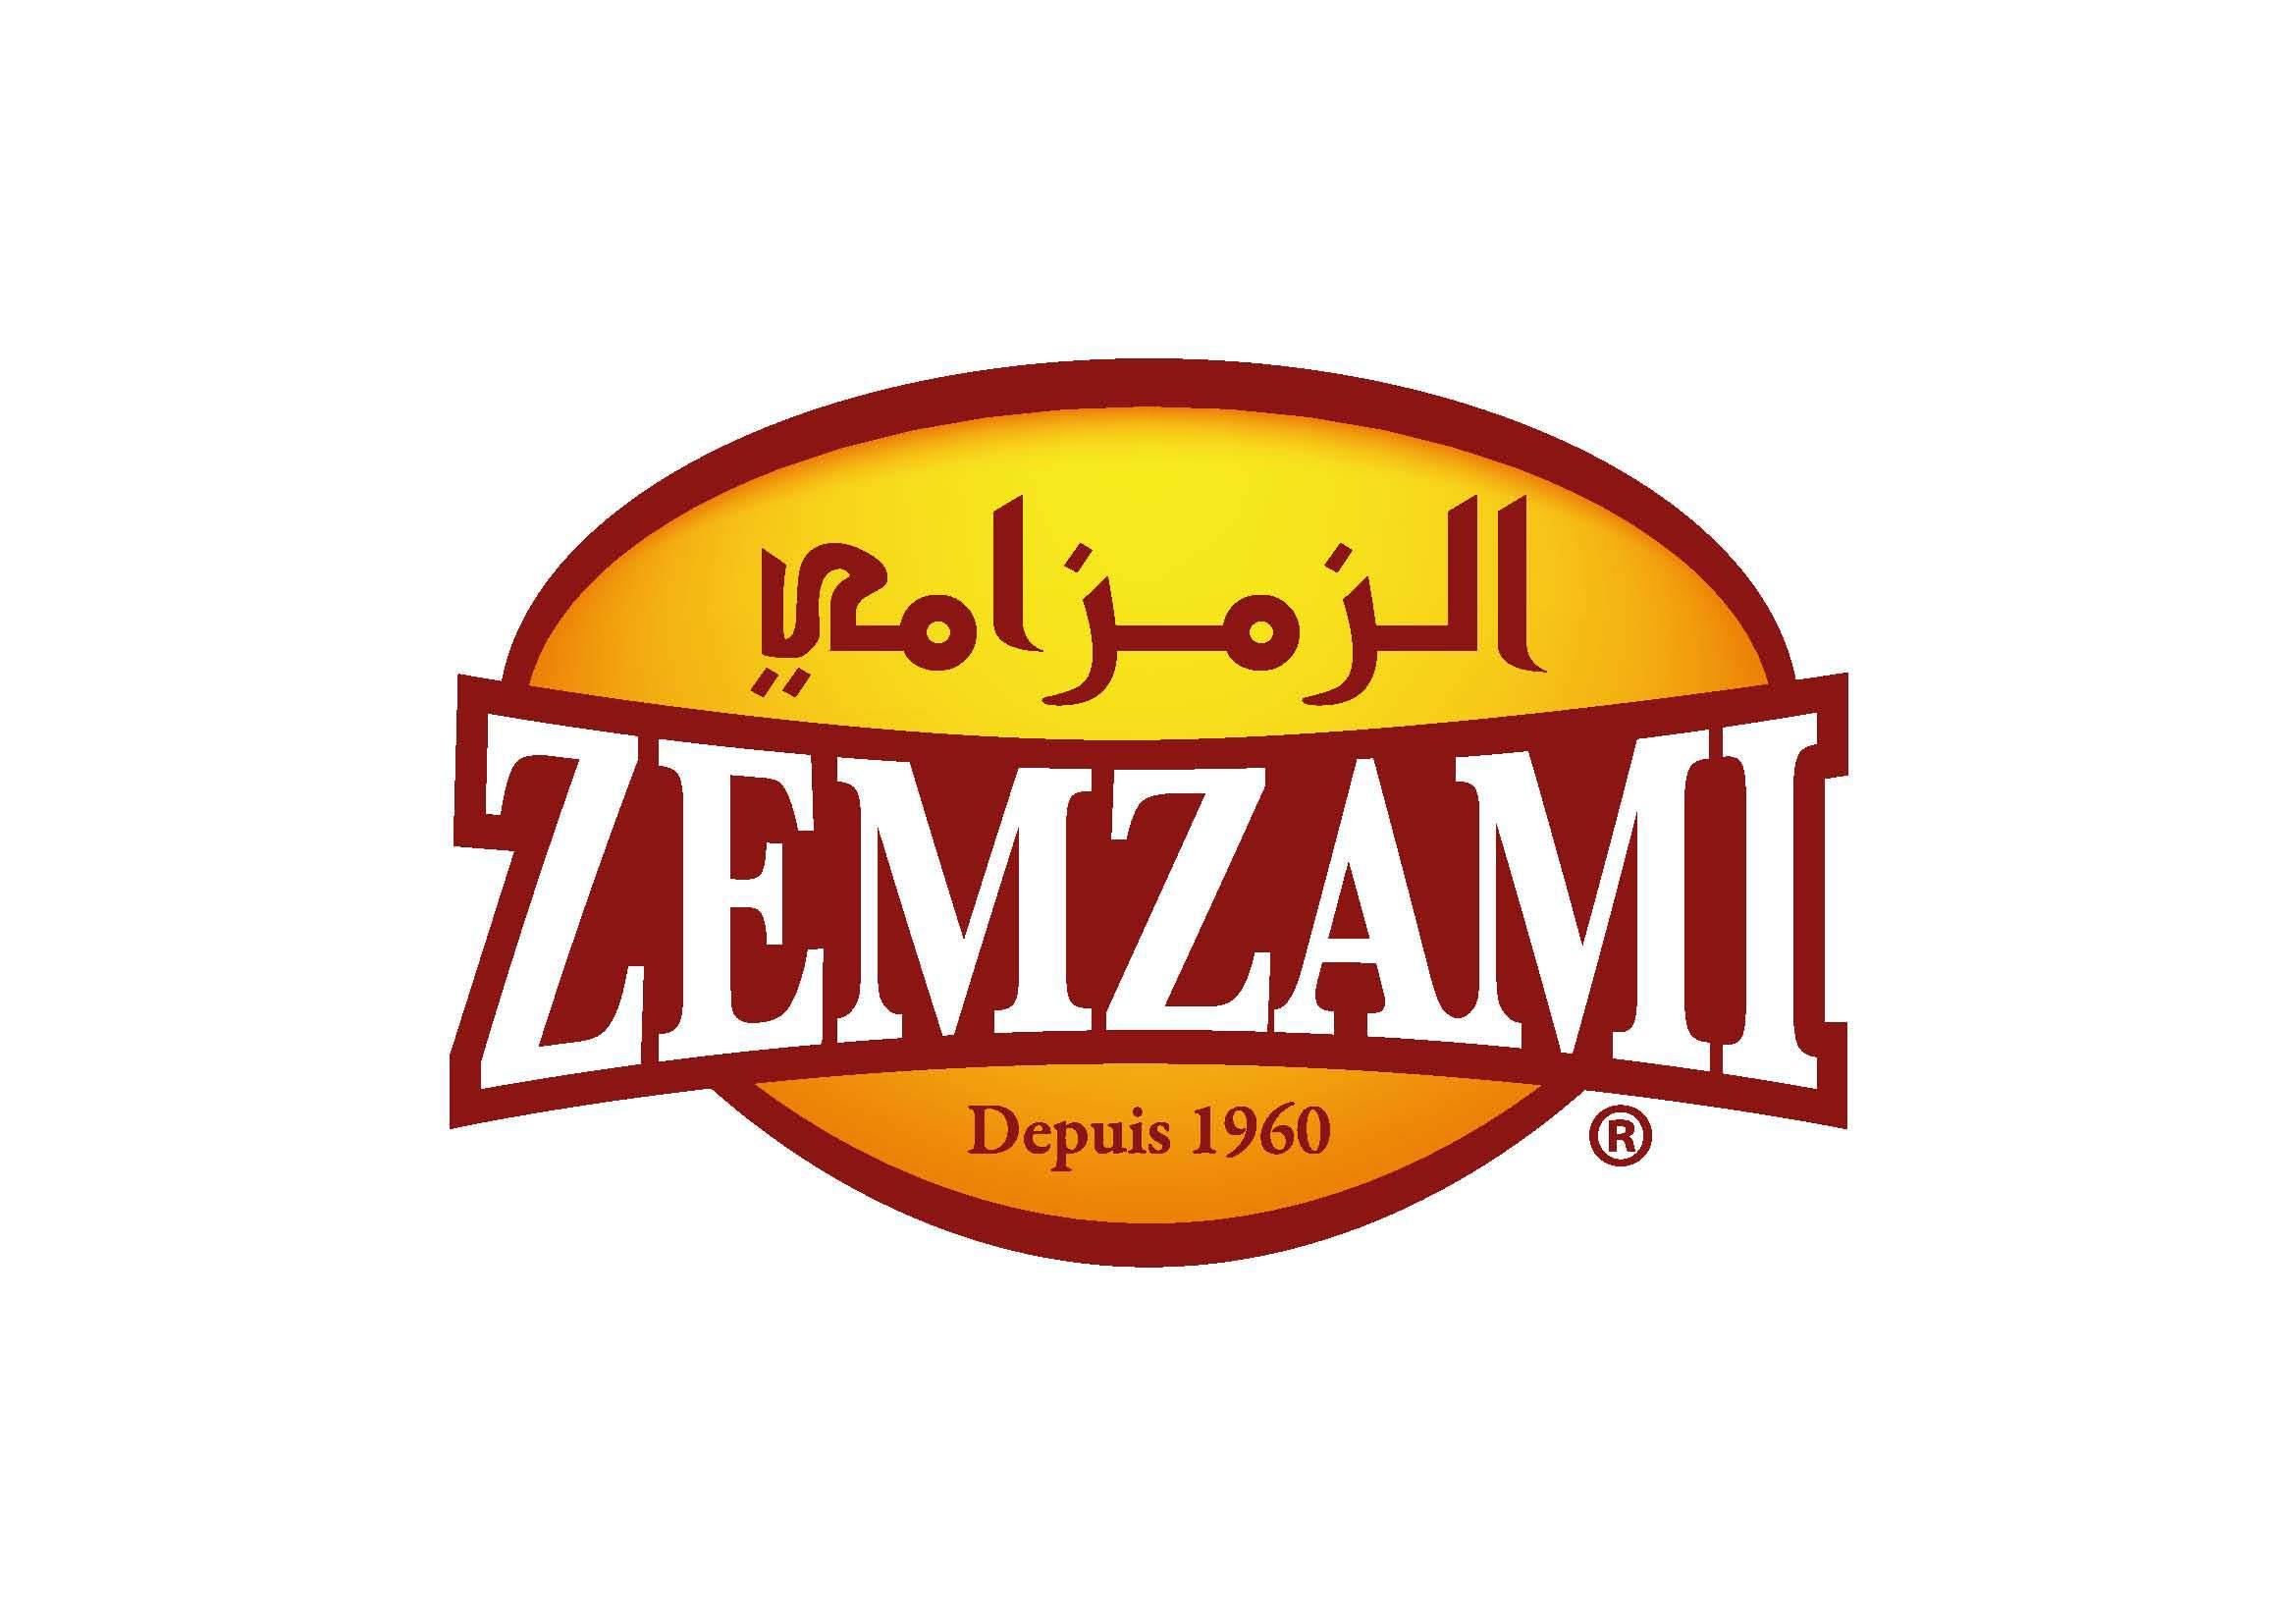 ZEMZAMI Depuis 1960